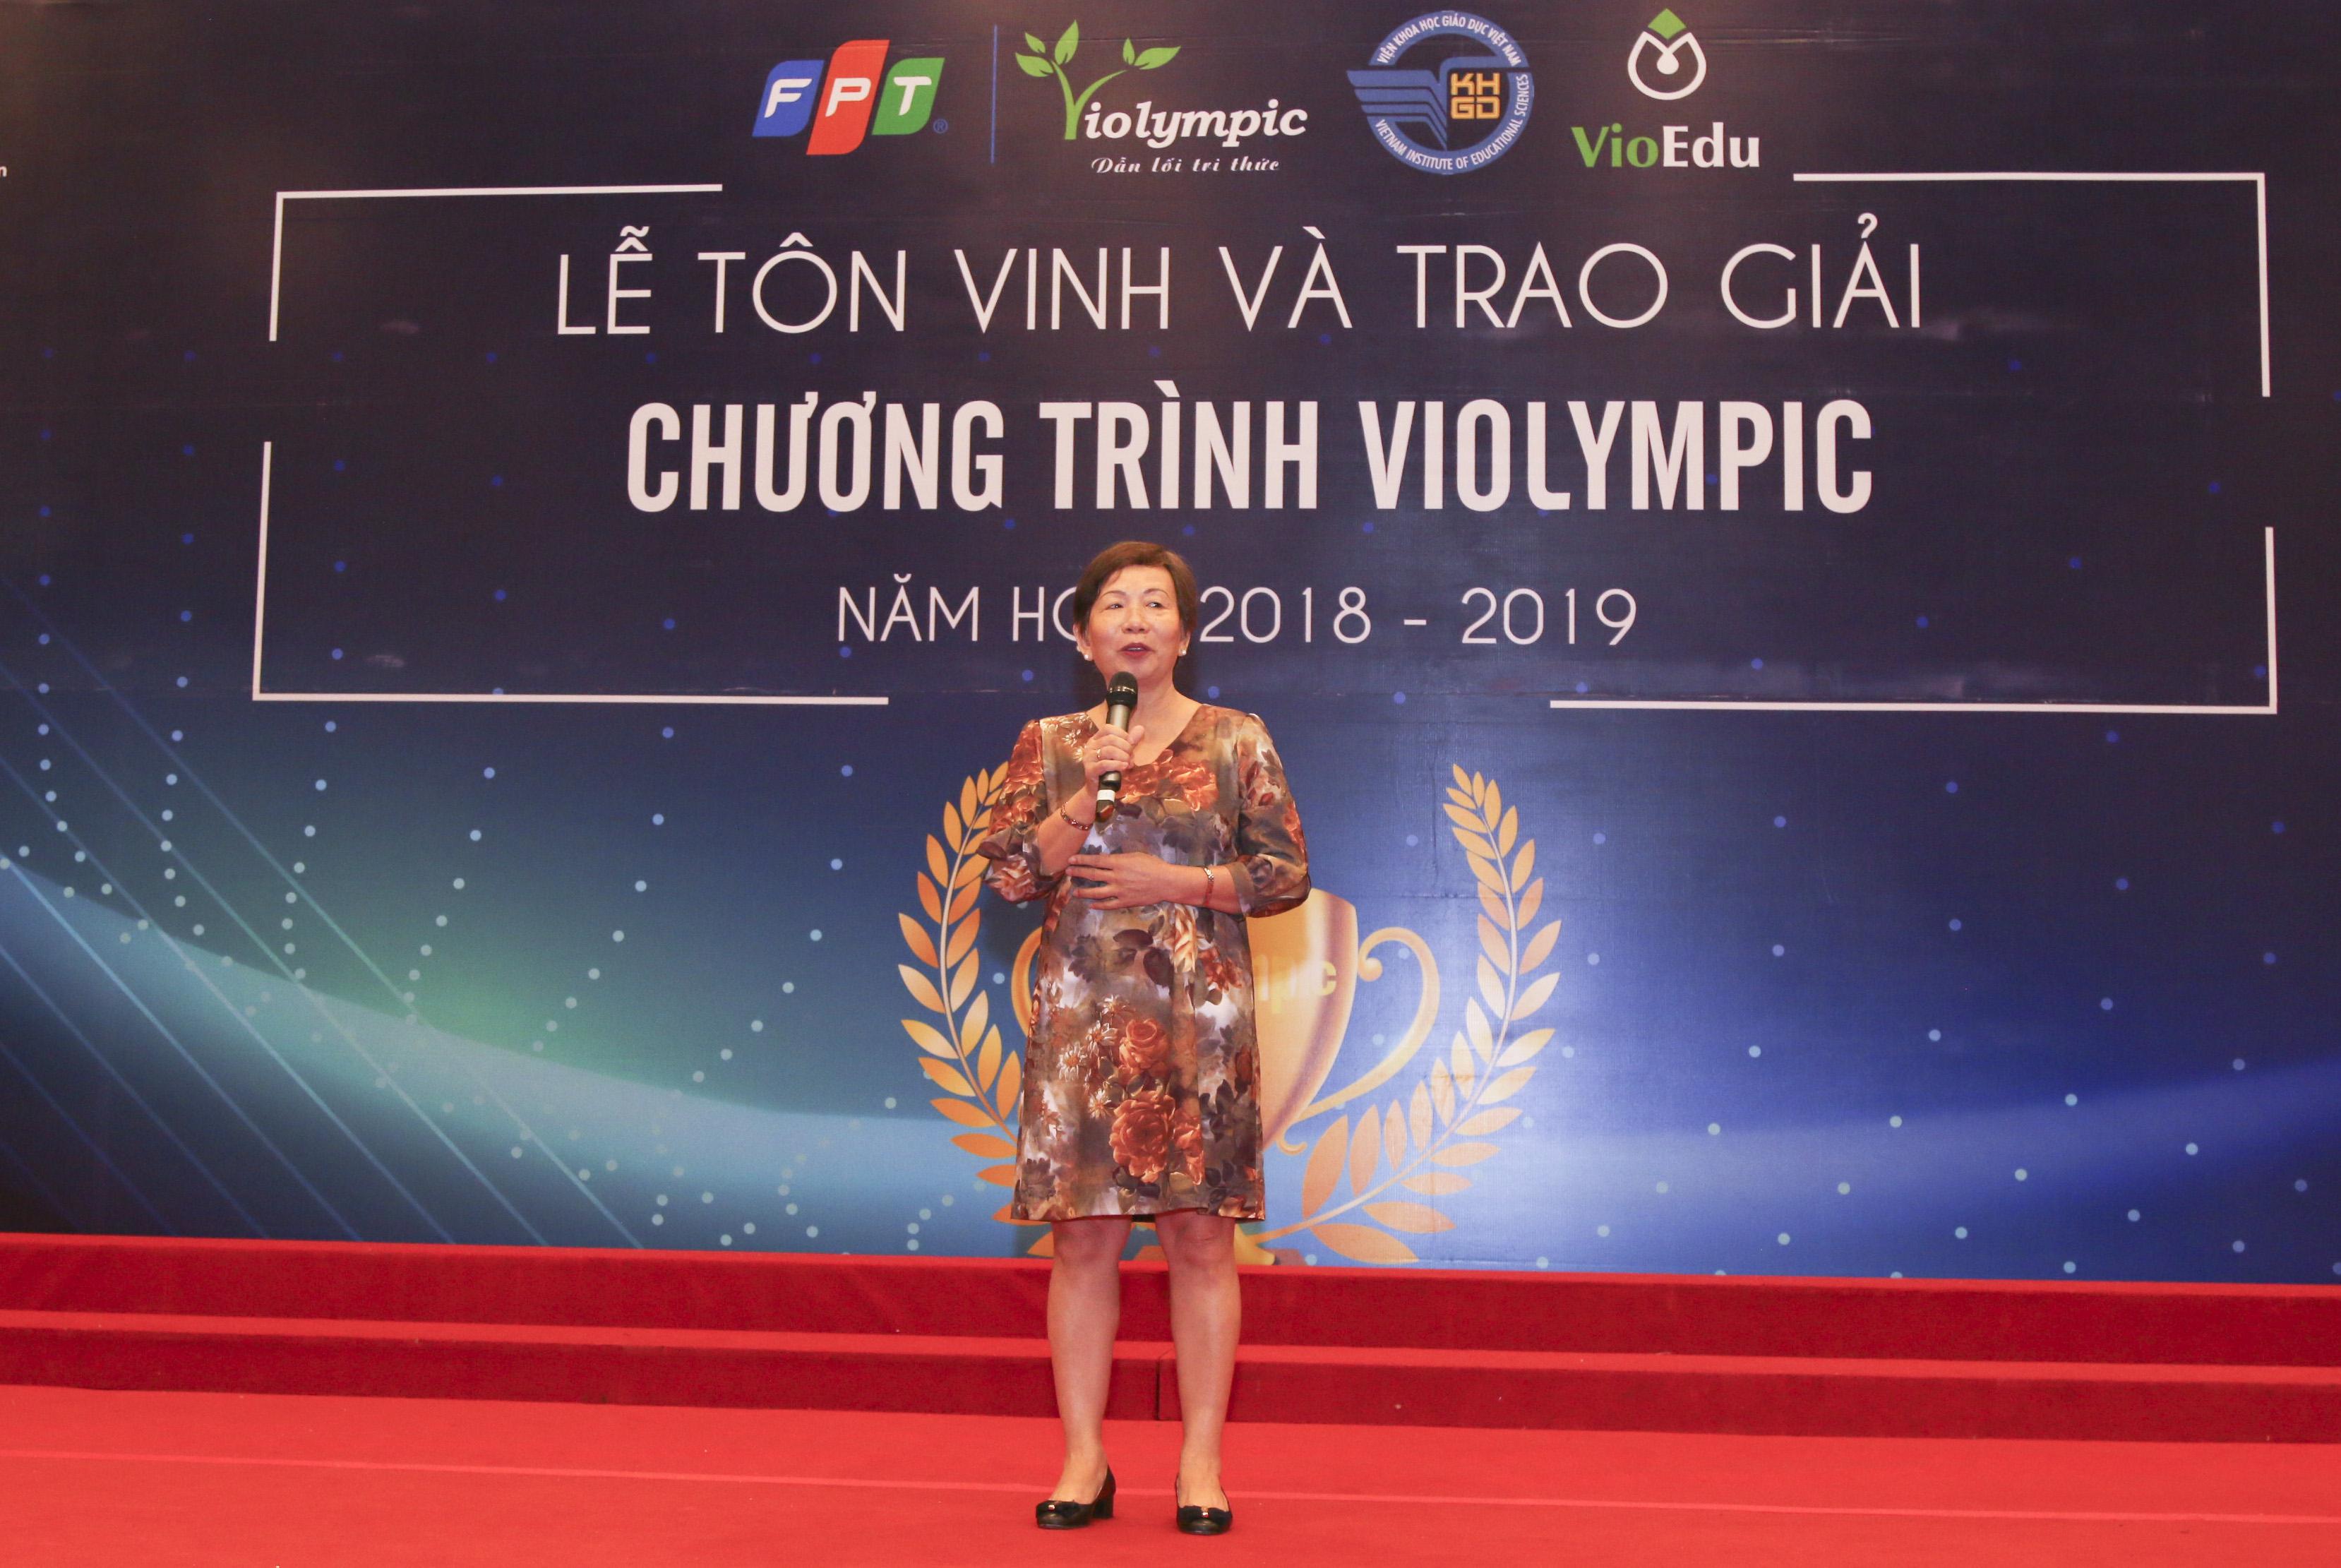 """Phát biểu tại buổi lễ, GĐ Trách nhiệm Xã hội FPT Trương Thanh Thanh cho biết: """"Trong suốt quá trình 31 năm phát triển, với khát vọng góp phần đưa dân tộc Việt Nam hiện diện ra thế giới, chúng tôi đã trở thành tập đoàn công nghệ hiện diện 45 nước và vùng lãnh thổ. Chúng tôi hiểu rằng, tương lai của dân tộc Việt phụ thuộc vào thế hệ trẻ. Bởi vậy FPT đã xây dựng sân chơi Violympic, giúp các em được tiếp xúc với môi trường Internet, với công nghệ, với cách thức học mới, khát khao mới. Trải qua một chặng đường dài, nhờ sự phối hợp chặt chẽ của Bộ GD&ĐT, các sở ban ngành và các trường trên cả nước, cuộc thi đã tạo ra những lợi ích cho việc học tập của các em. Chúng tôi cam kết sẽ tiếp tục đầu tư công nghệ tiên tiến, đưa cuộc thi lên một tầm cao mới."""""""